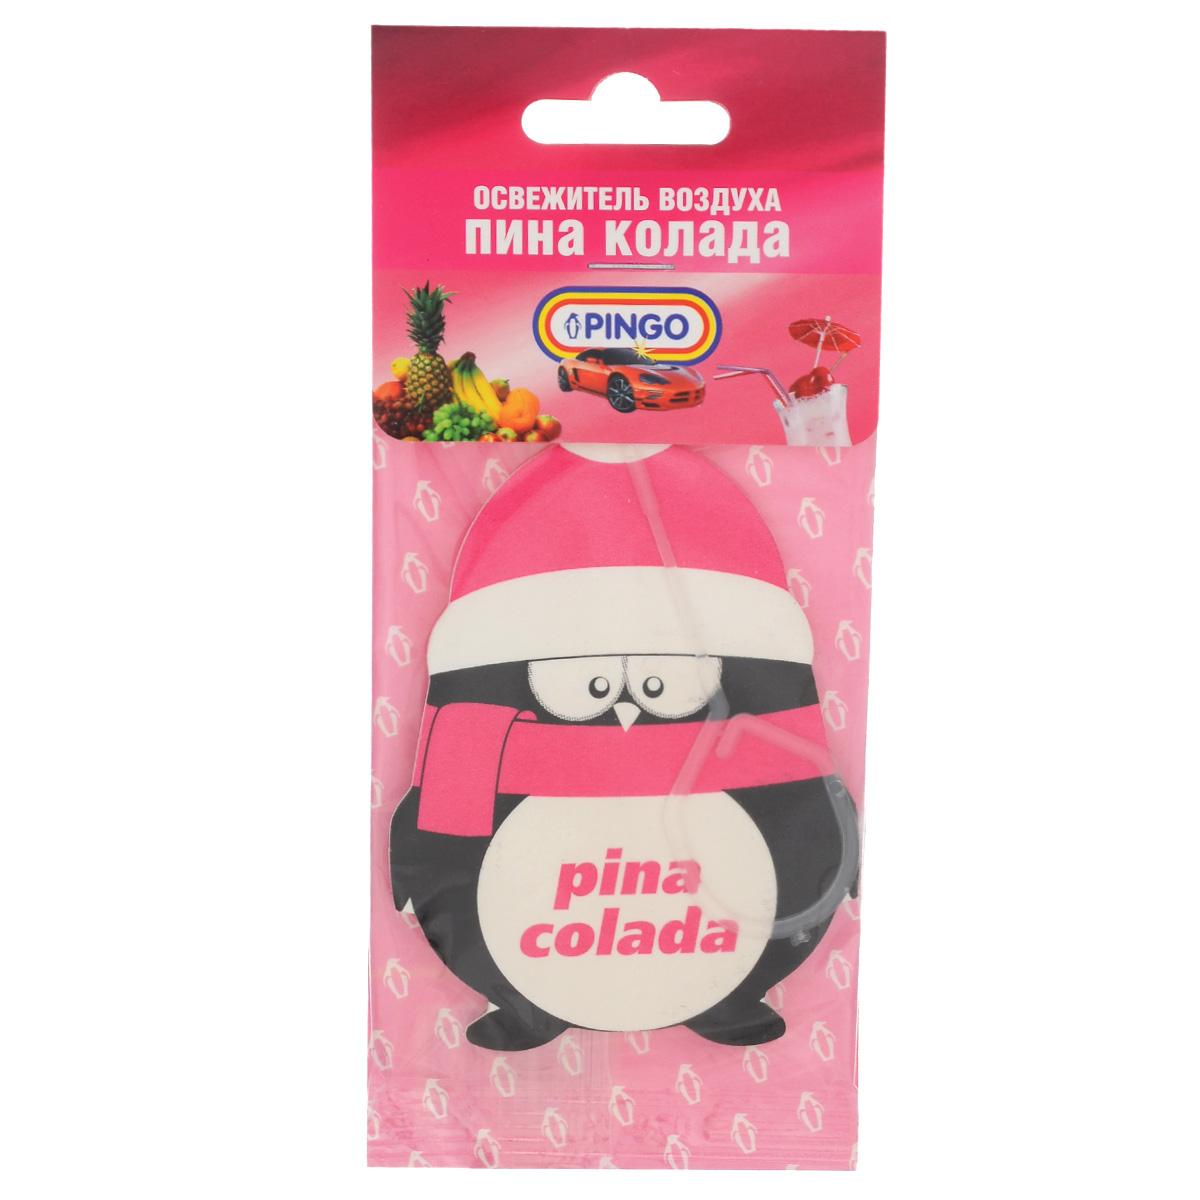 Освежитель воздуха Pingo Пина коладаRC-100BPCОсвежитель Pingo Пина колада, изготовленный из картона и парфюмерной композиции высокой концентрации, наполняет воздух приятным насыщенным ароматом ванили. Композиция из стойких натуральных ароматов эффективно освежает воздух в салоне автомобиля и нейтрализует неприятные запахи. Подвесьте освежитель за пластиковое кольцо в салоне автомобиля и получайте удовольствие!